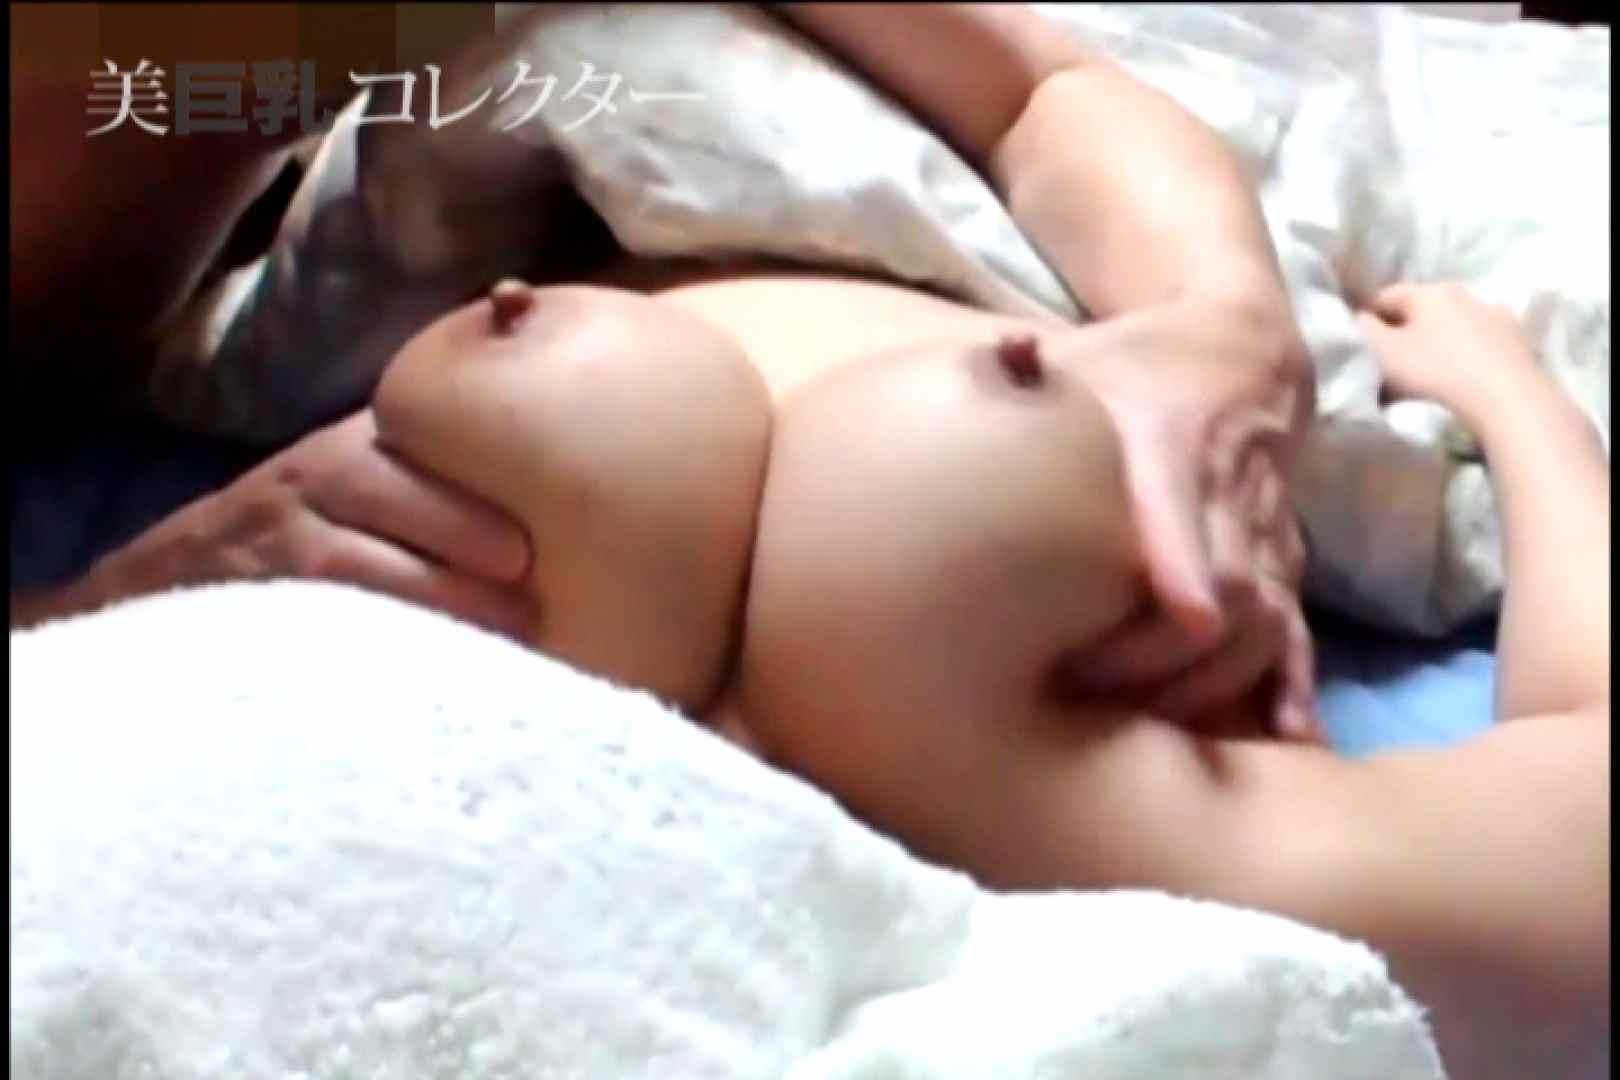 泥酔Hカップ爆乳ギャル2 悪戯  110pic 16